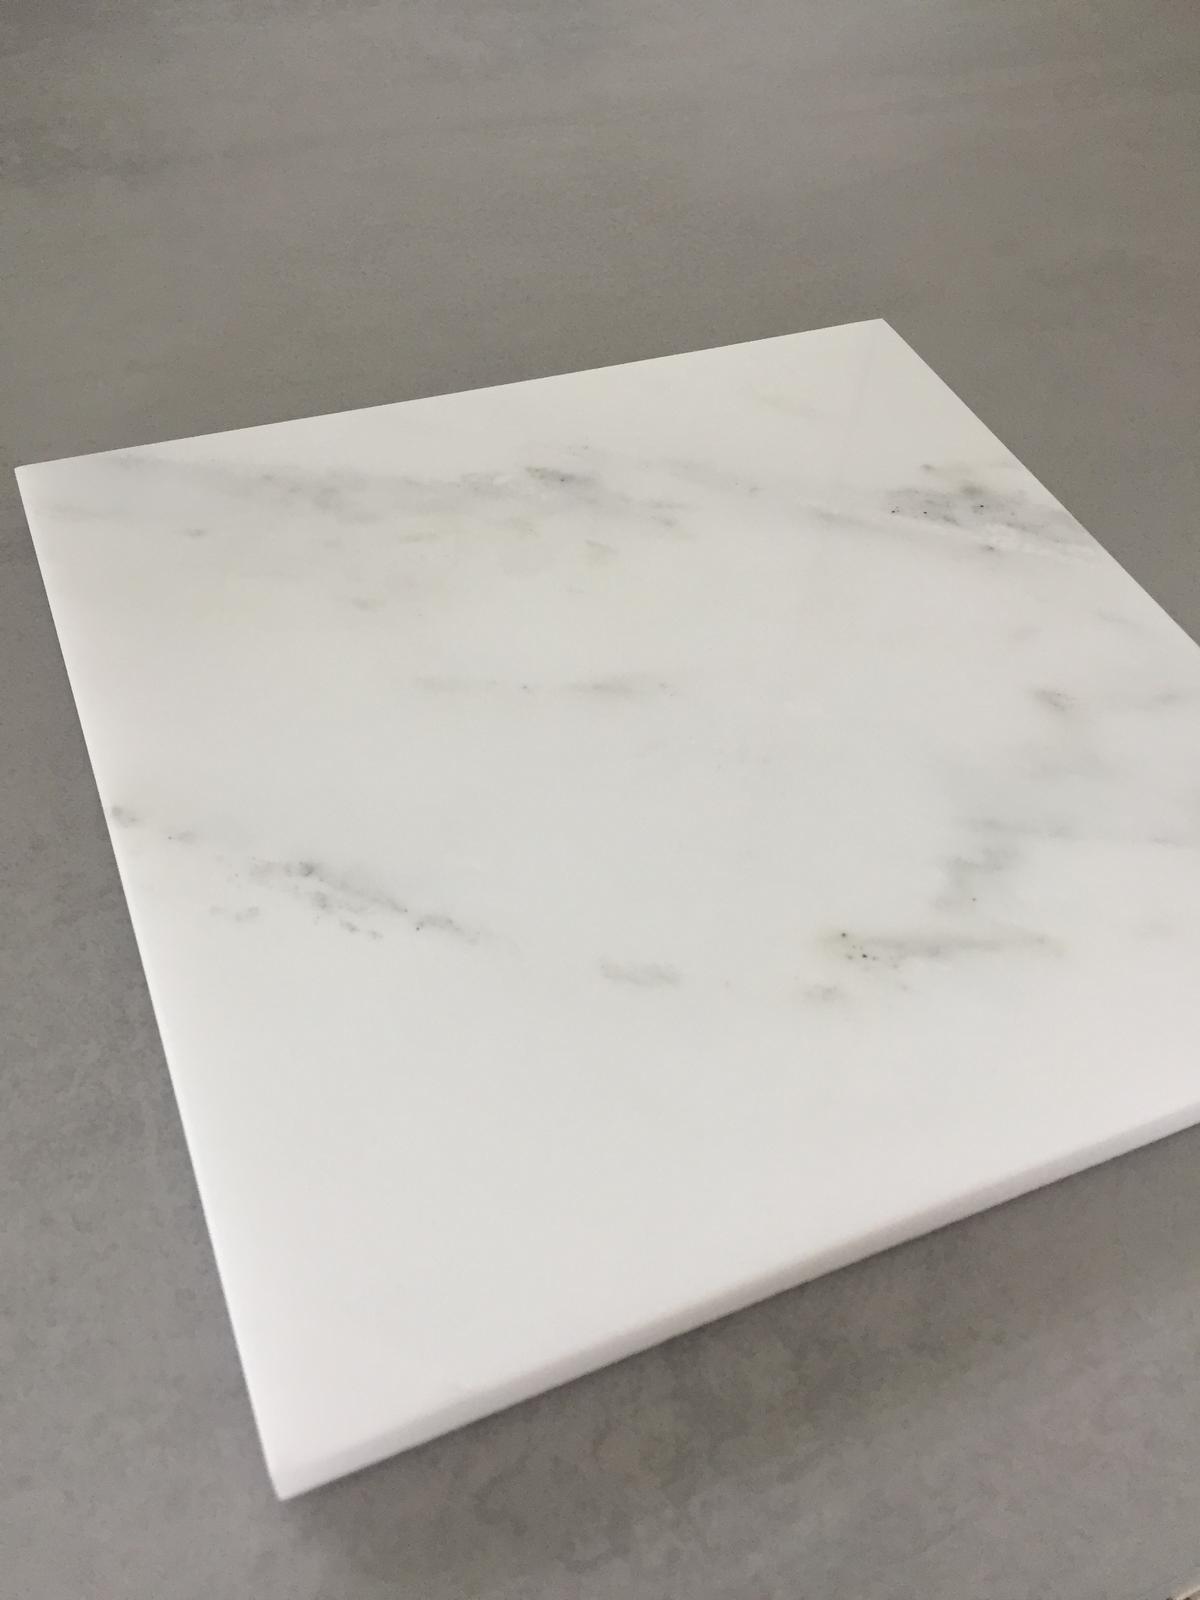 Servírovací tác Marble White 20x20cm - Obrázek č. 1